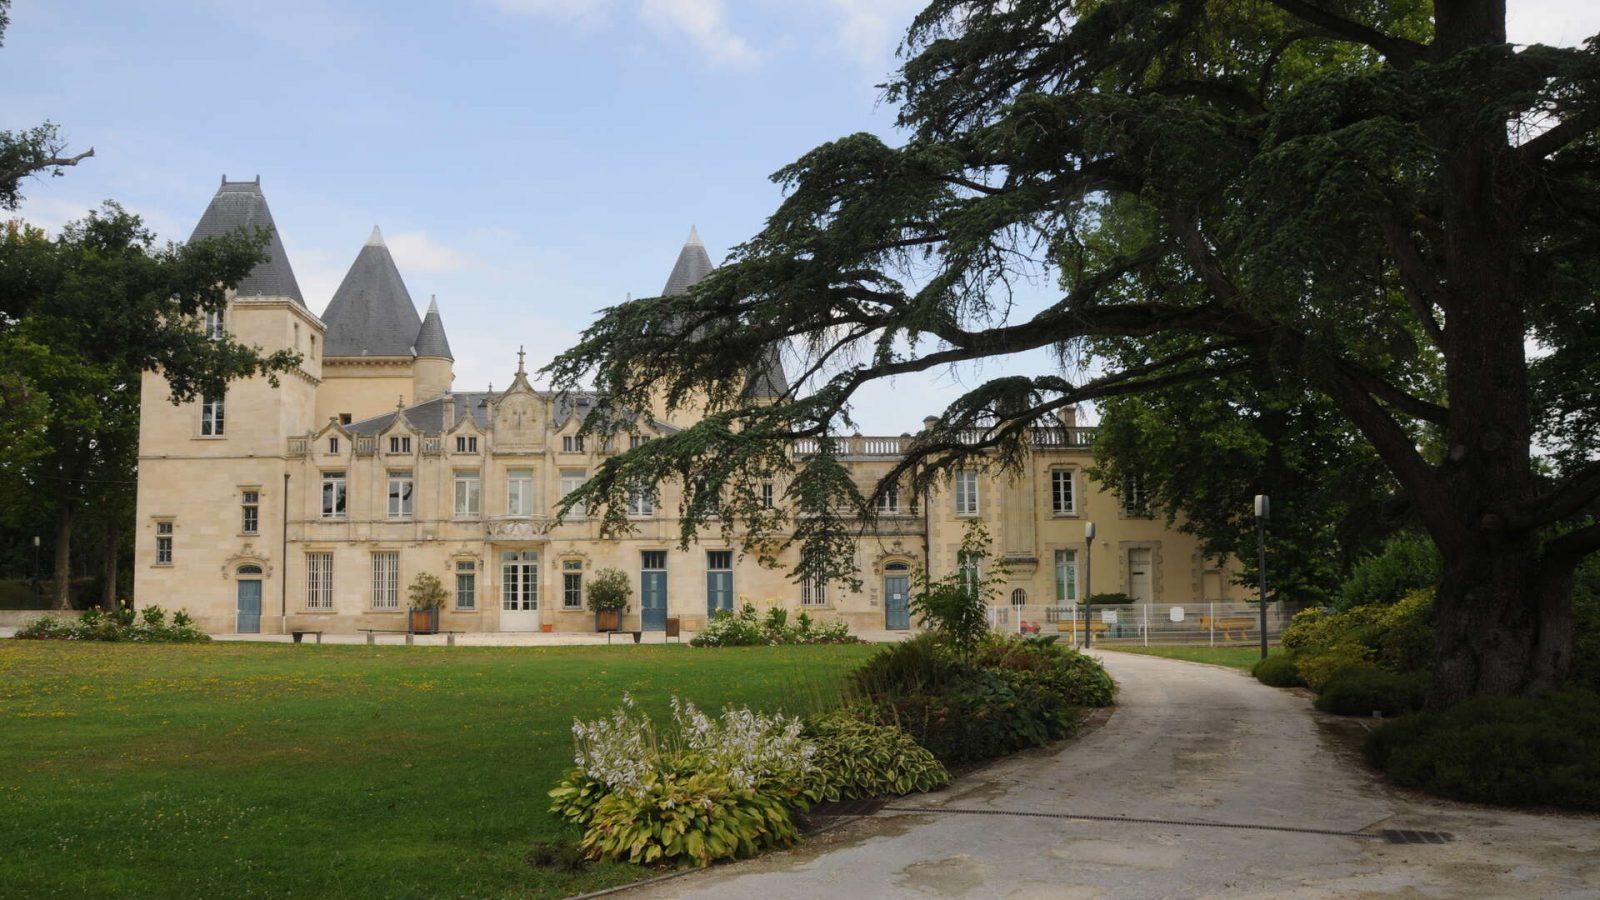 Chateau-de-Thouars-Bordeaux-Metropole